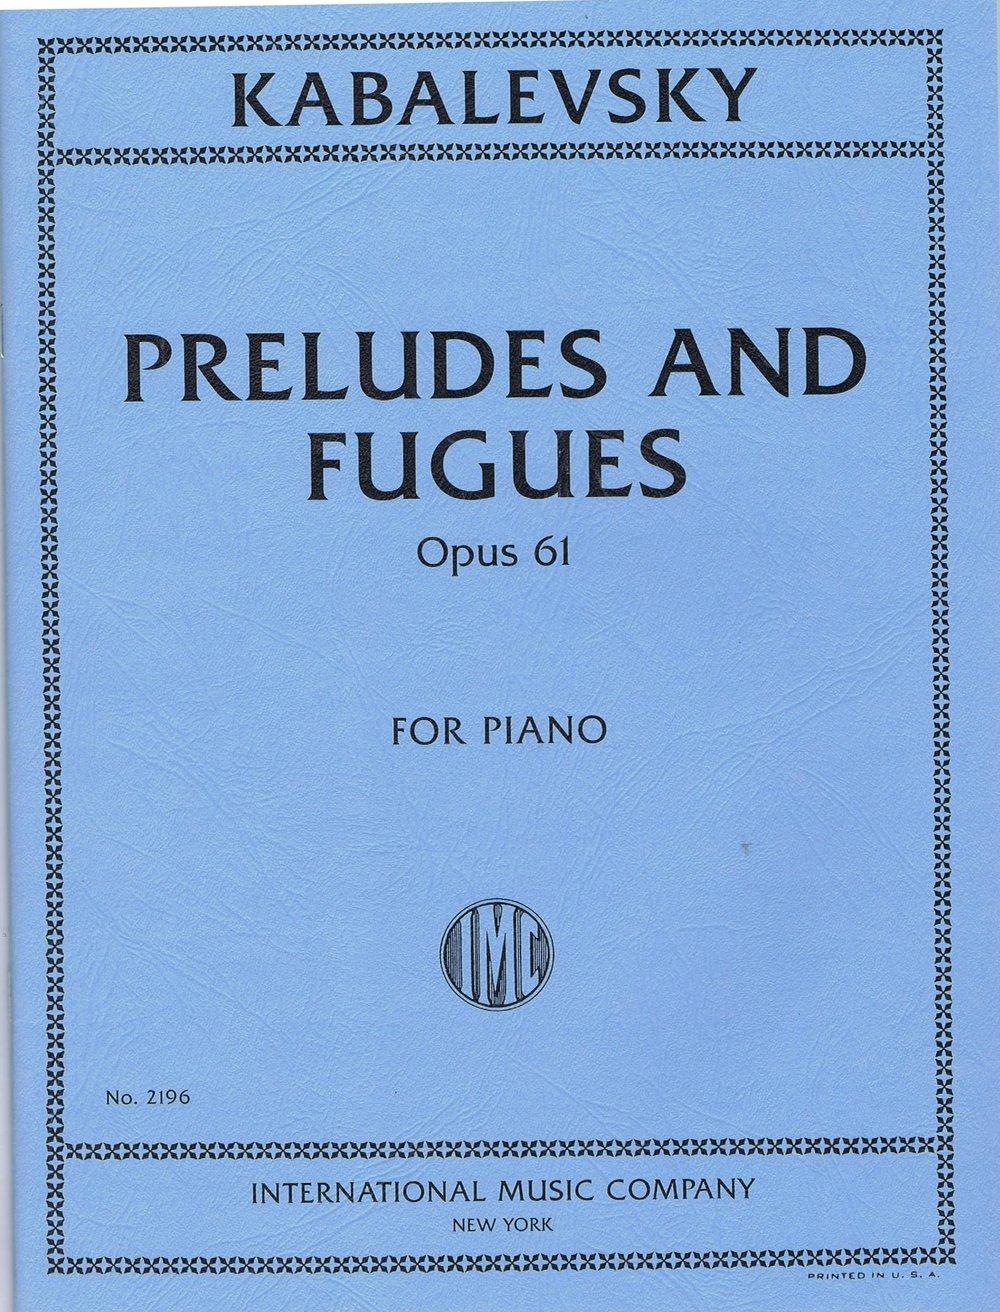 Kabalevsky Preludes & Fugues, Opus 61 IMC 2196